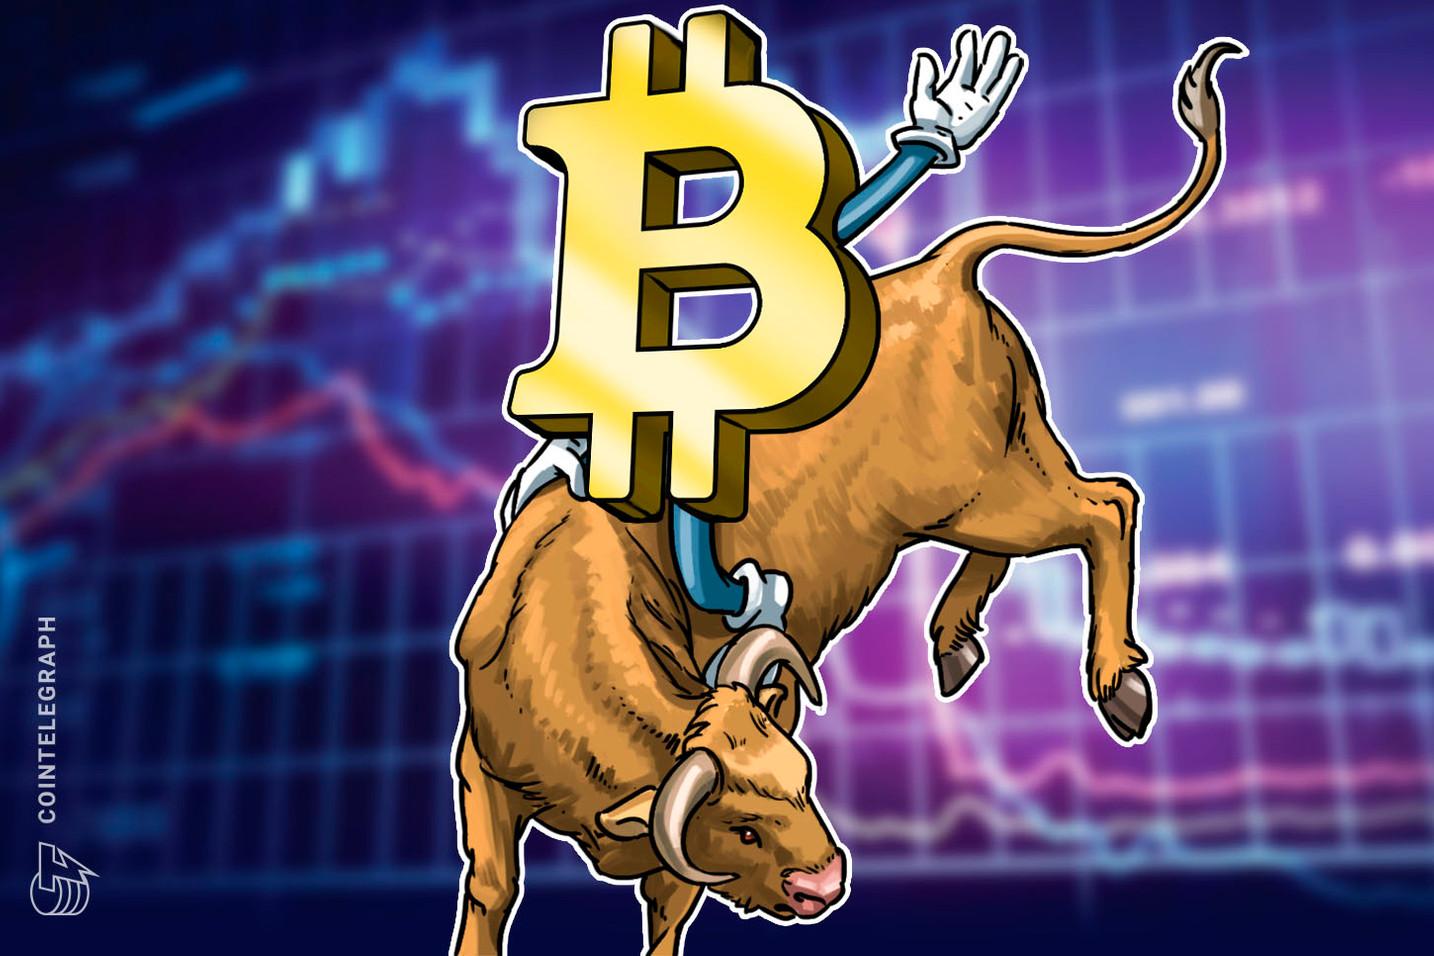 ¿Es aburrido el comportamiento del precio de Bitcoin? Este nivel de precios es clave para un gran avance